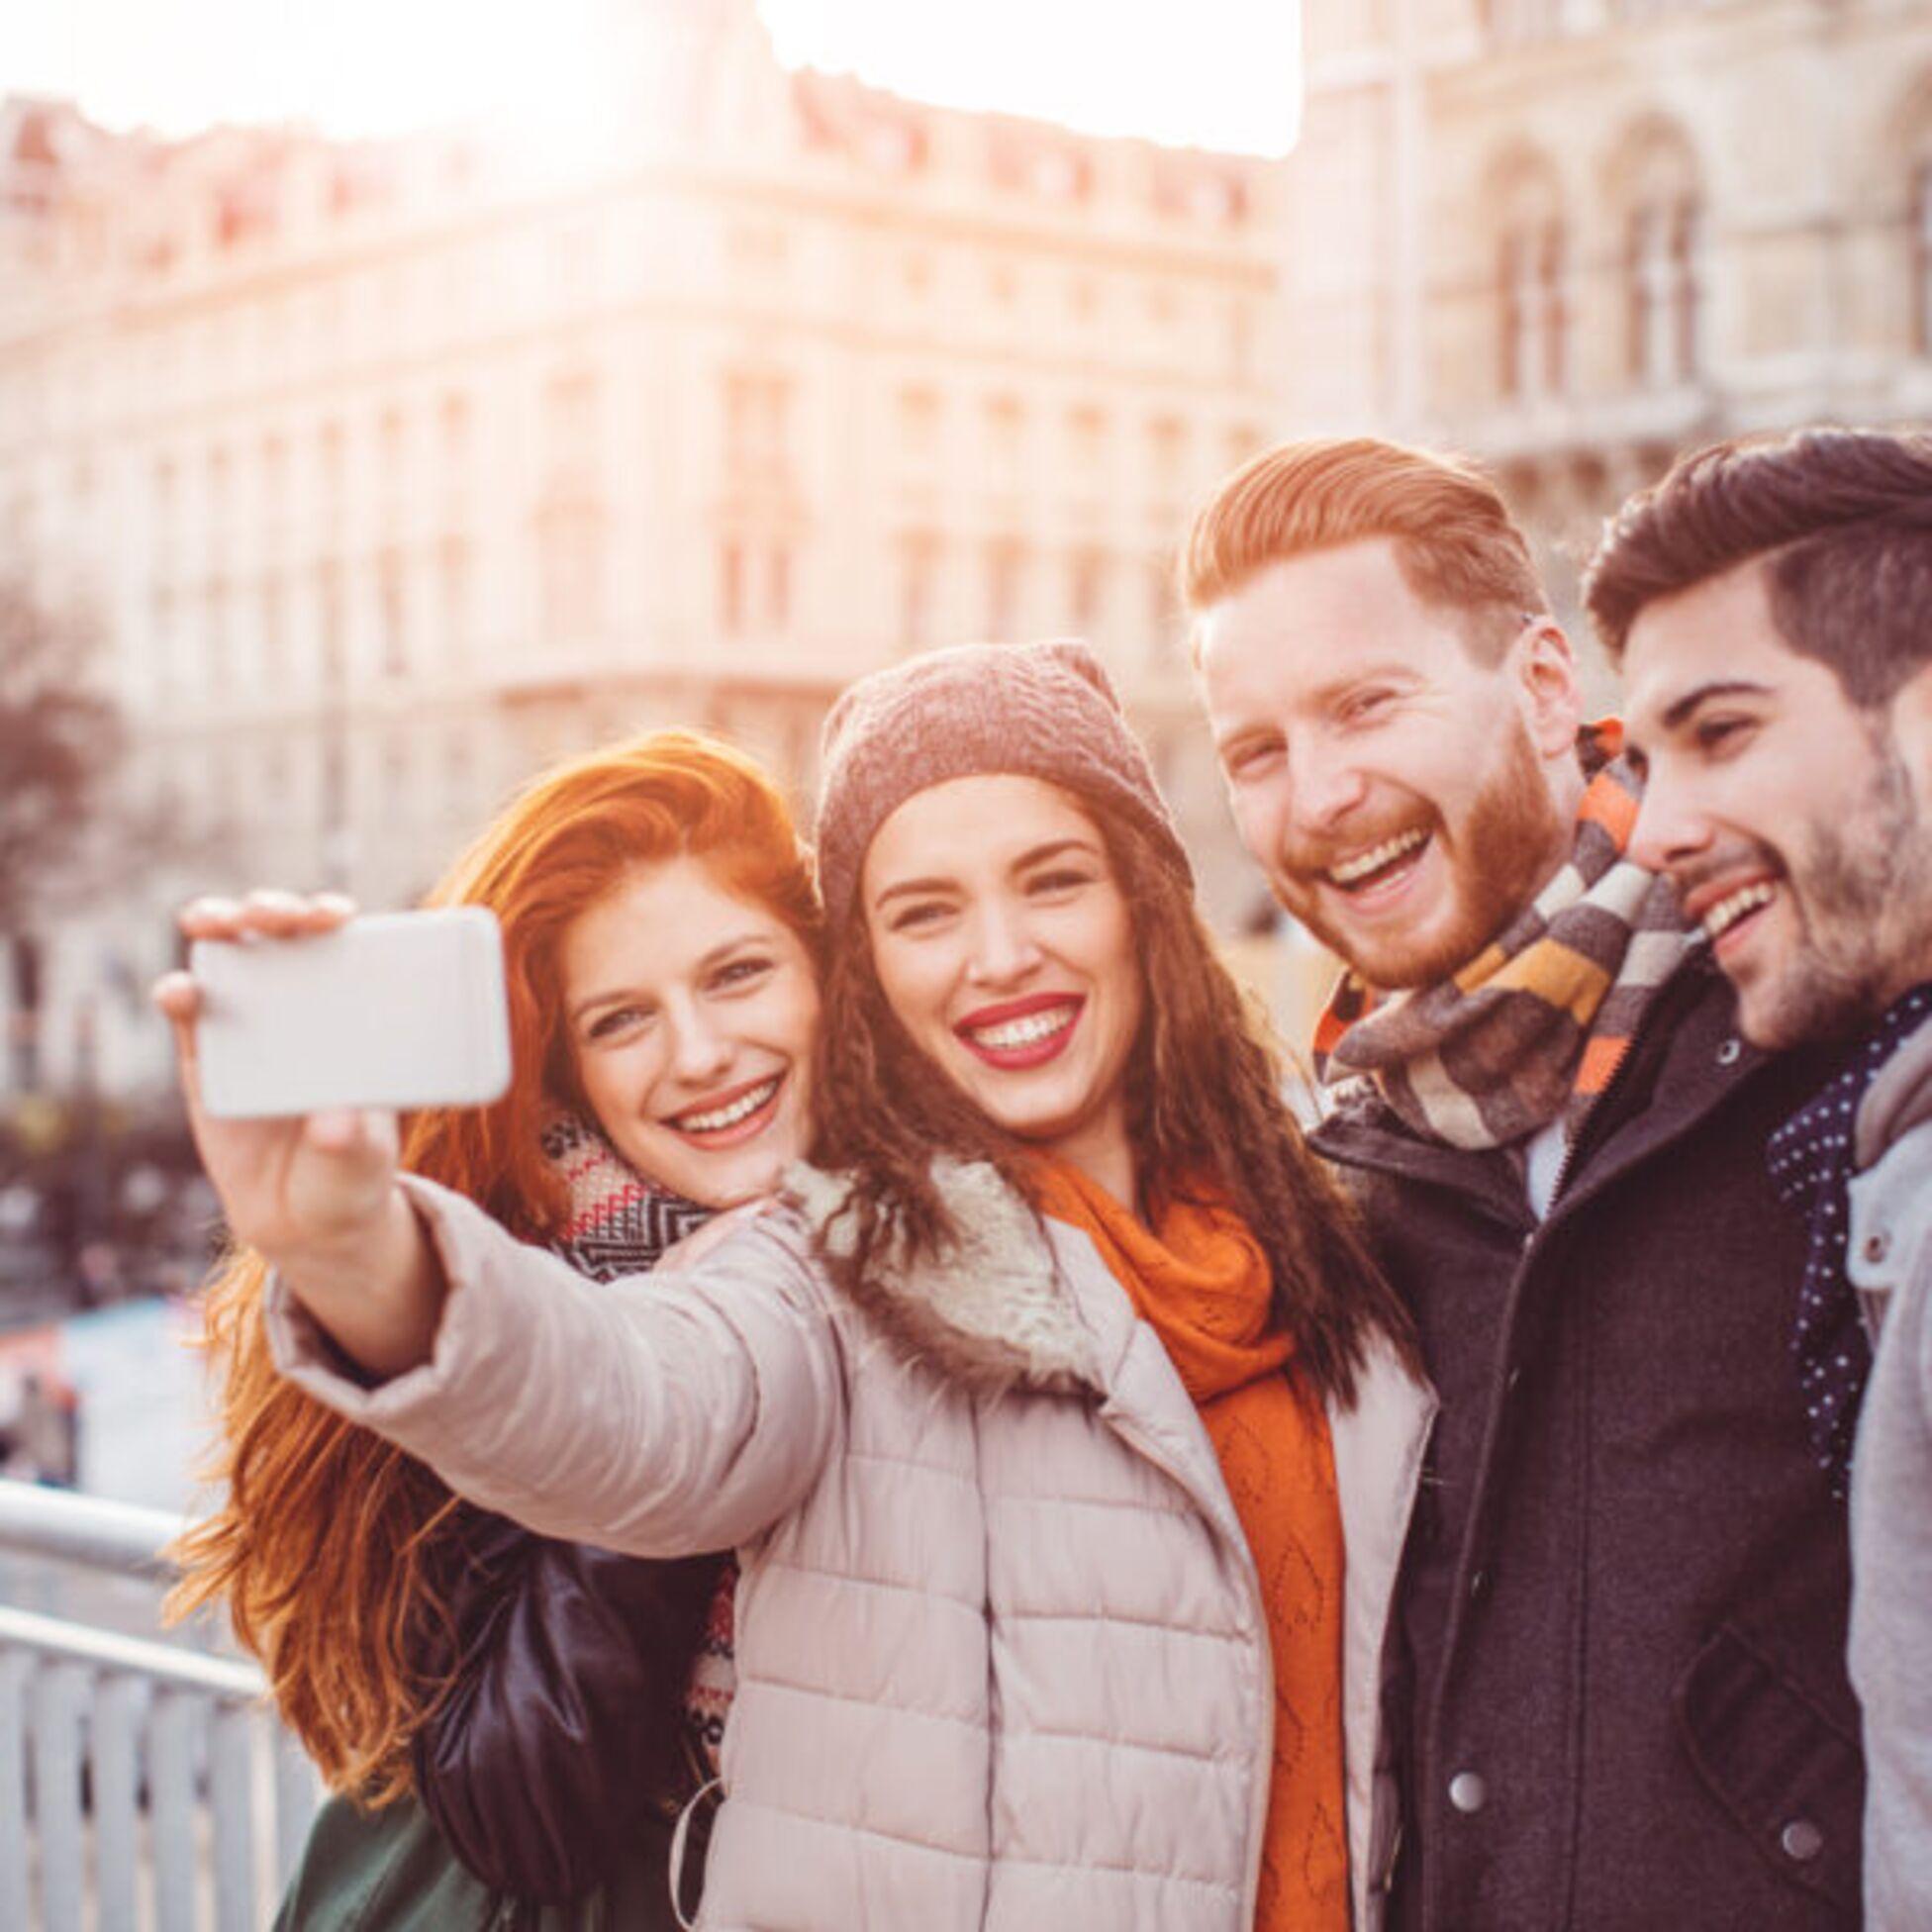 Mit diesen fünf Fragen lernst du schnell Leute in einer neuen Stadt kennen